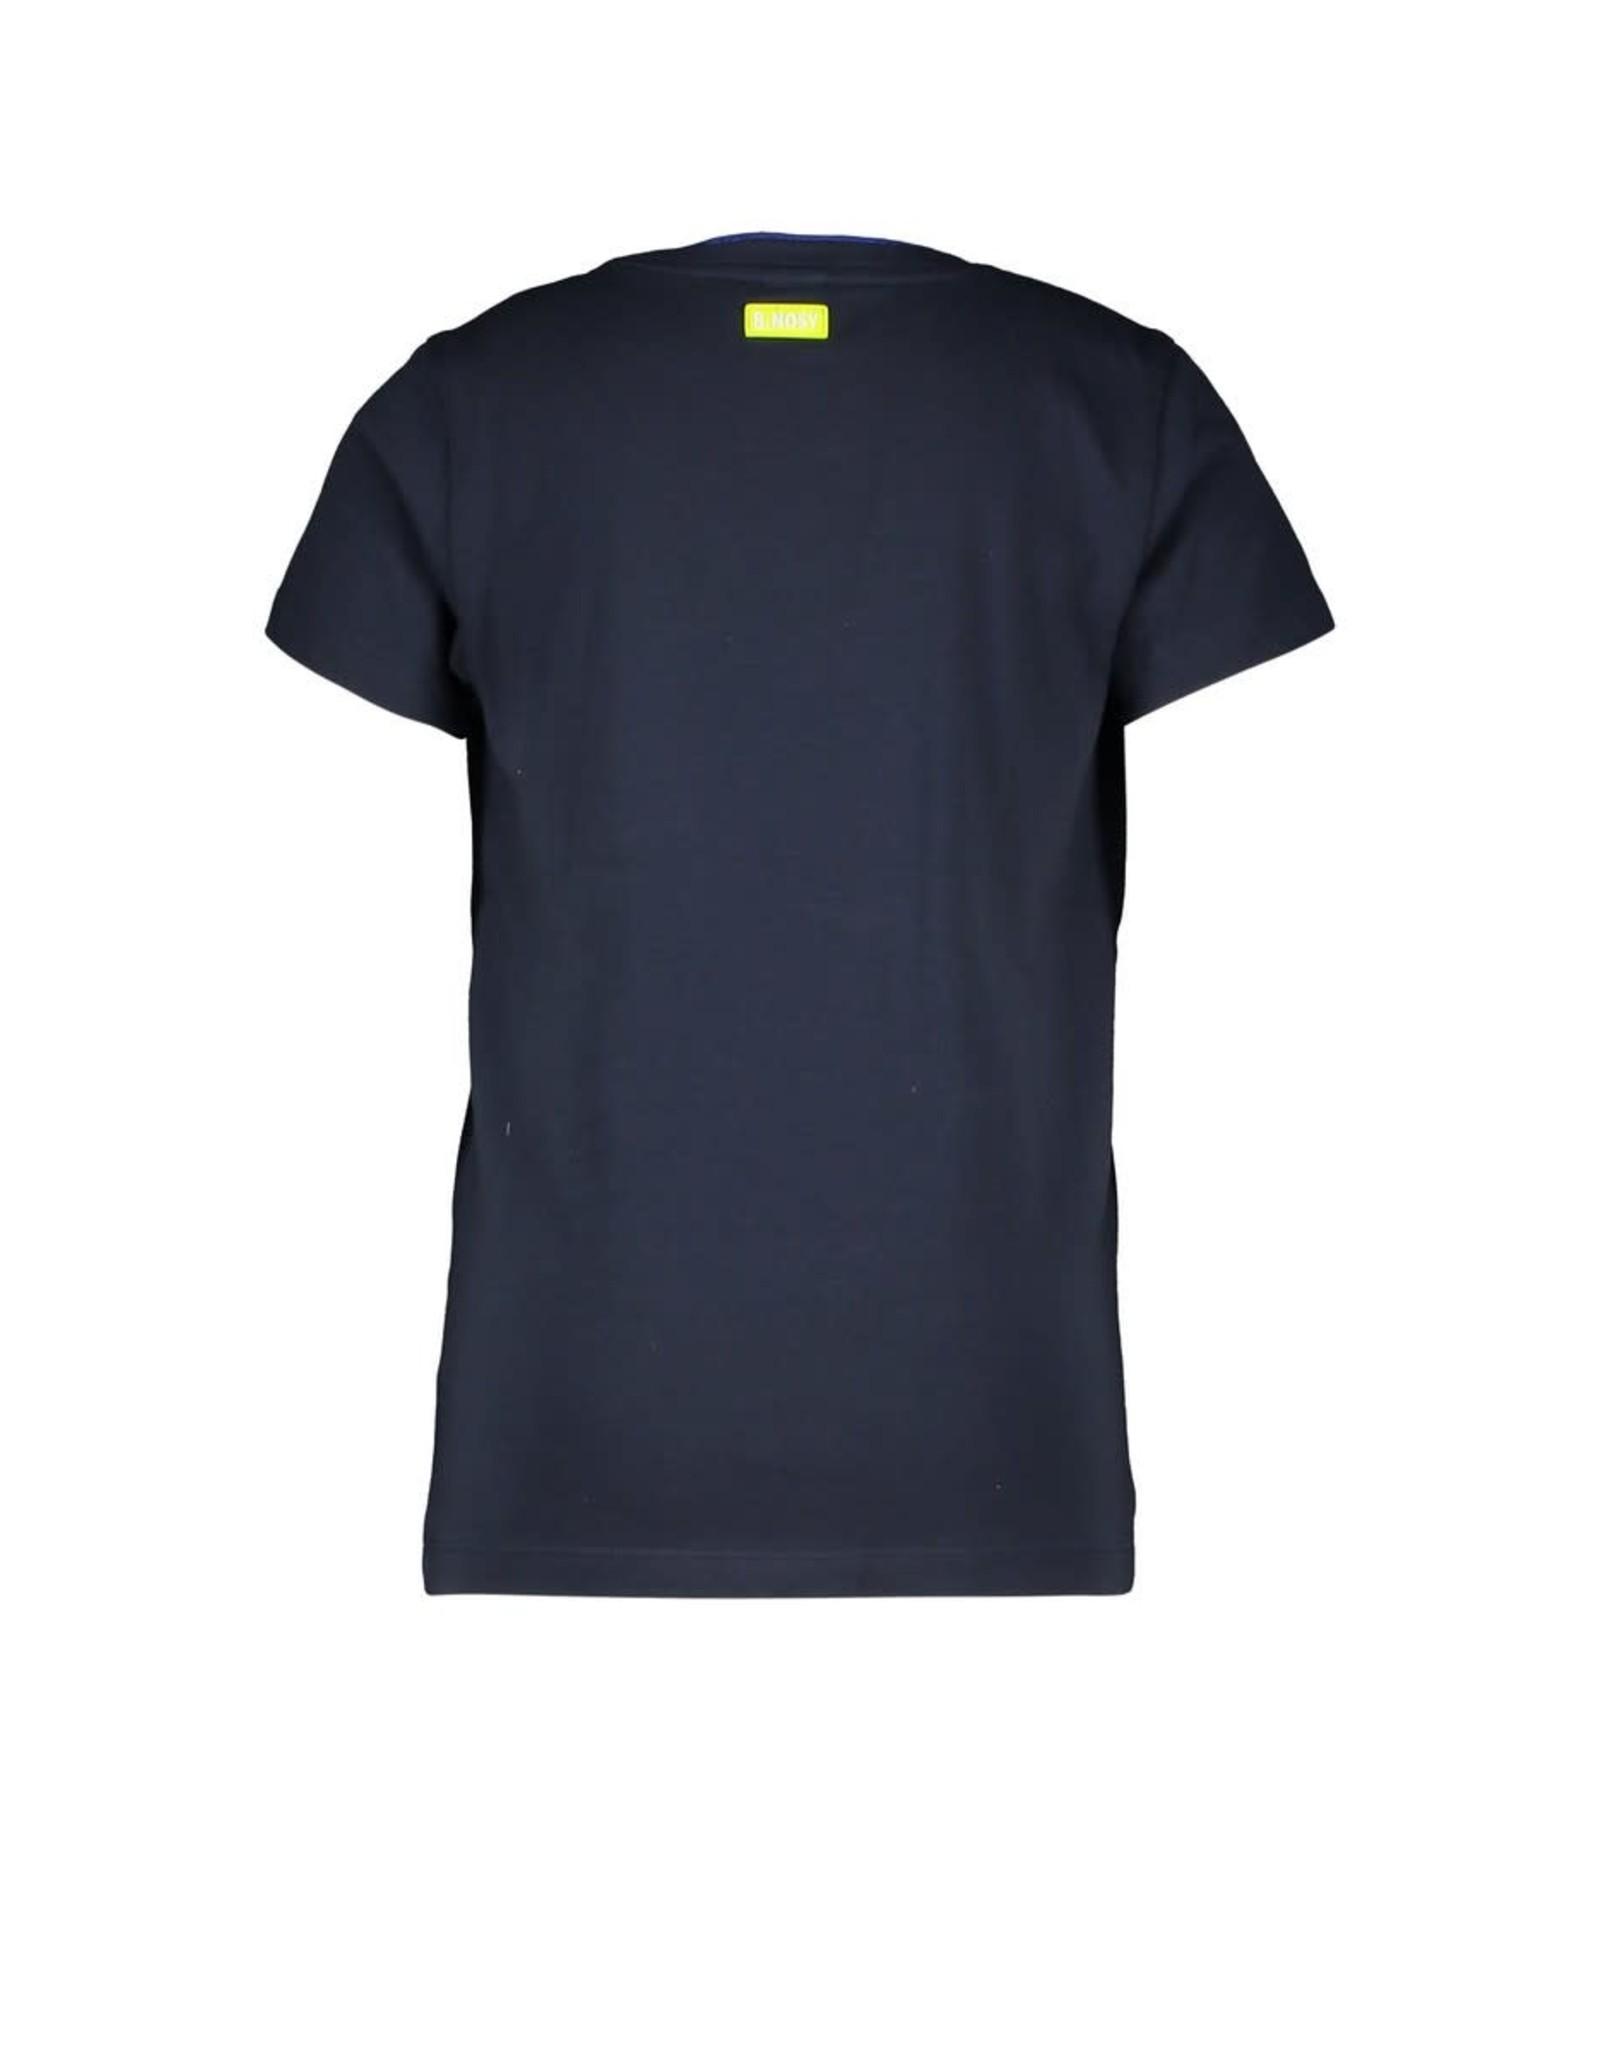 B.Nosy B.Nosy jongens t-shirt Rewind Oxford Blue